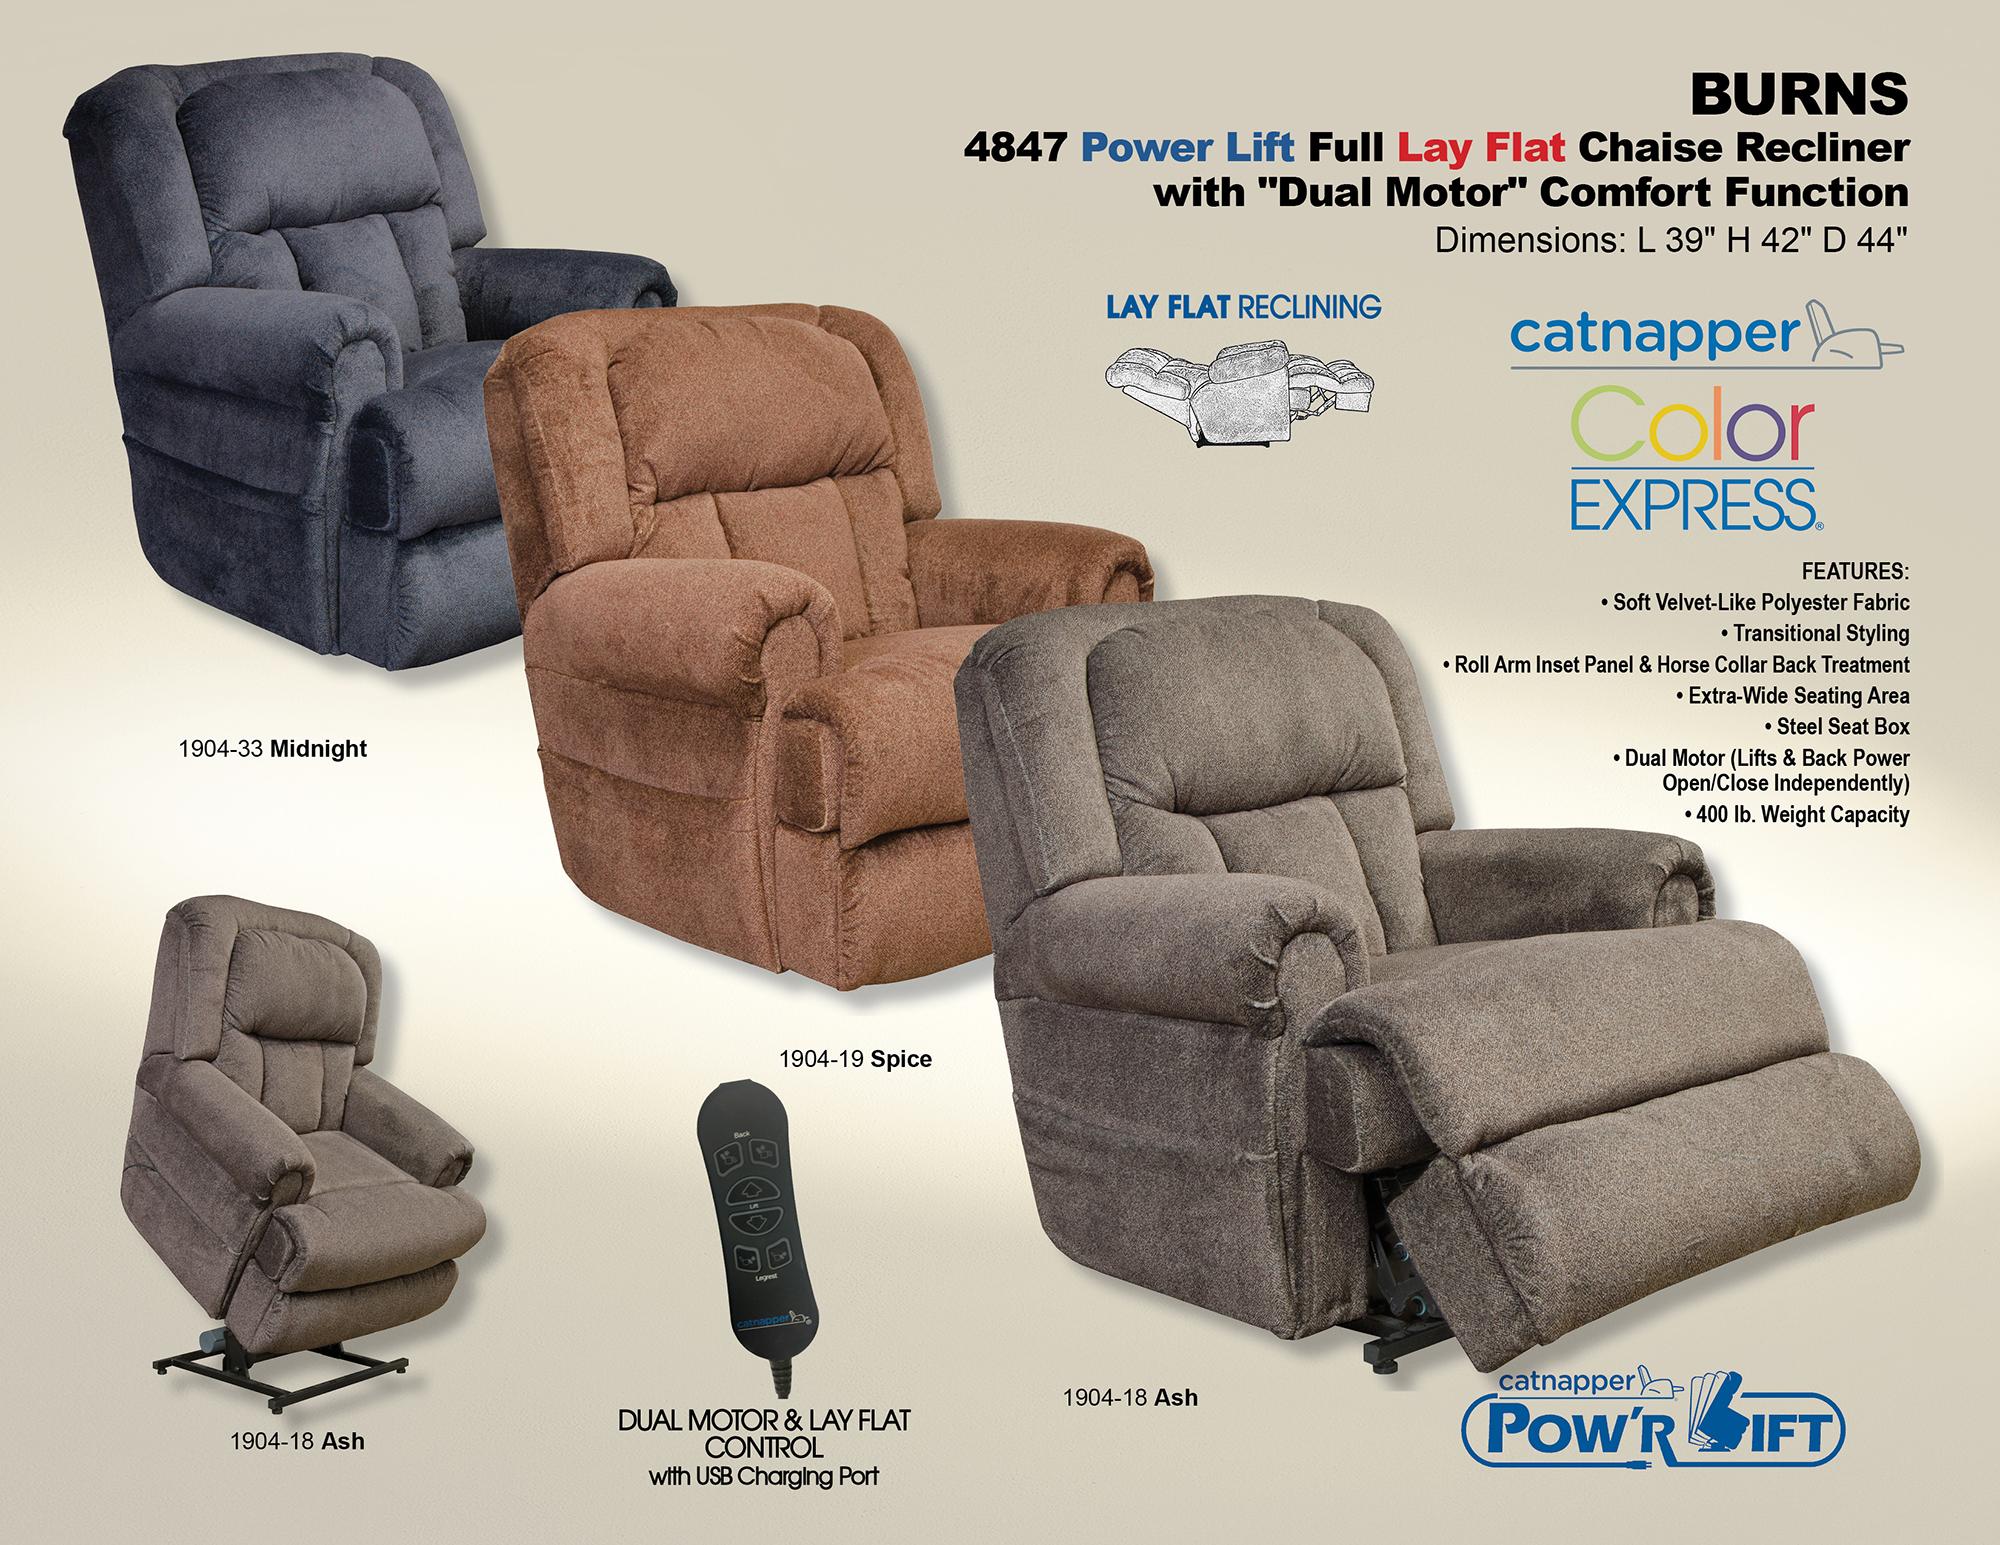 Catnapper Burns 4847 Dual Motor Power Lift Chair Recliner